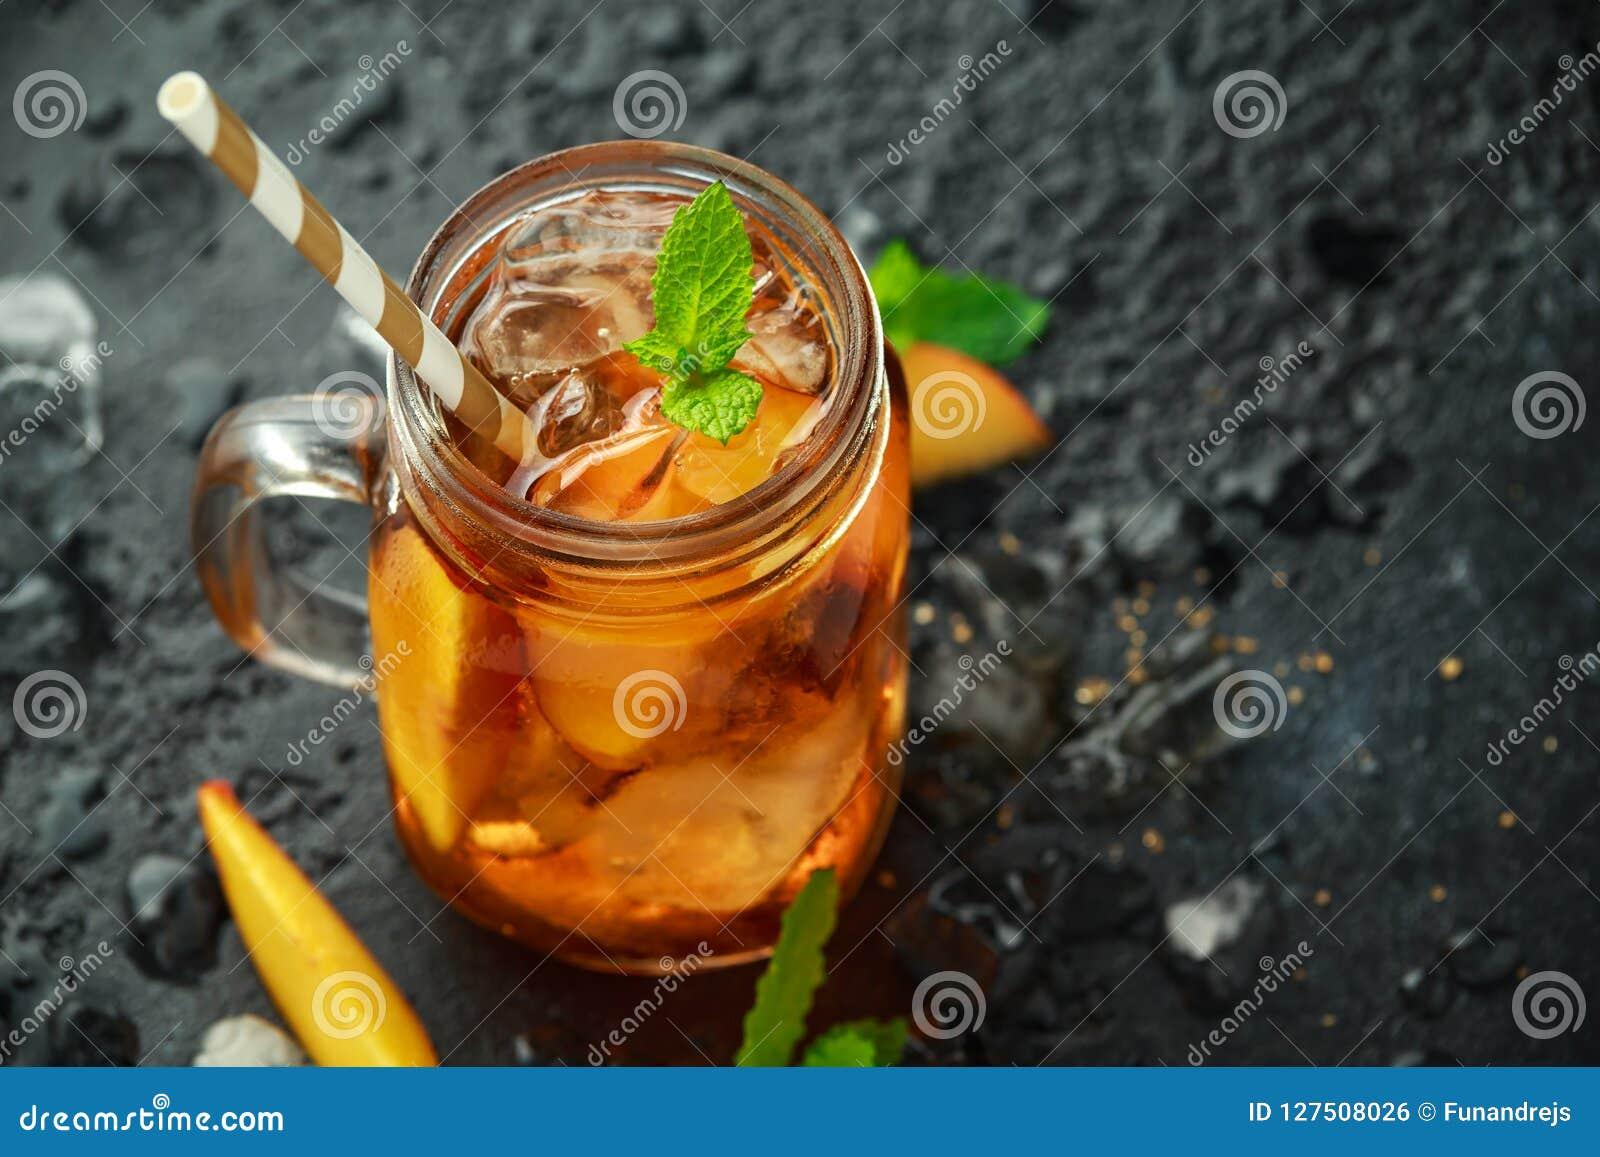 Pfirsich-Eistee mit Minze im Glasgefäß, auf rustikalem schwarzem Hintergrund Sommerfrucht-Kältegetränke